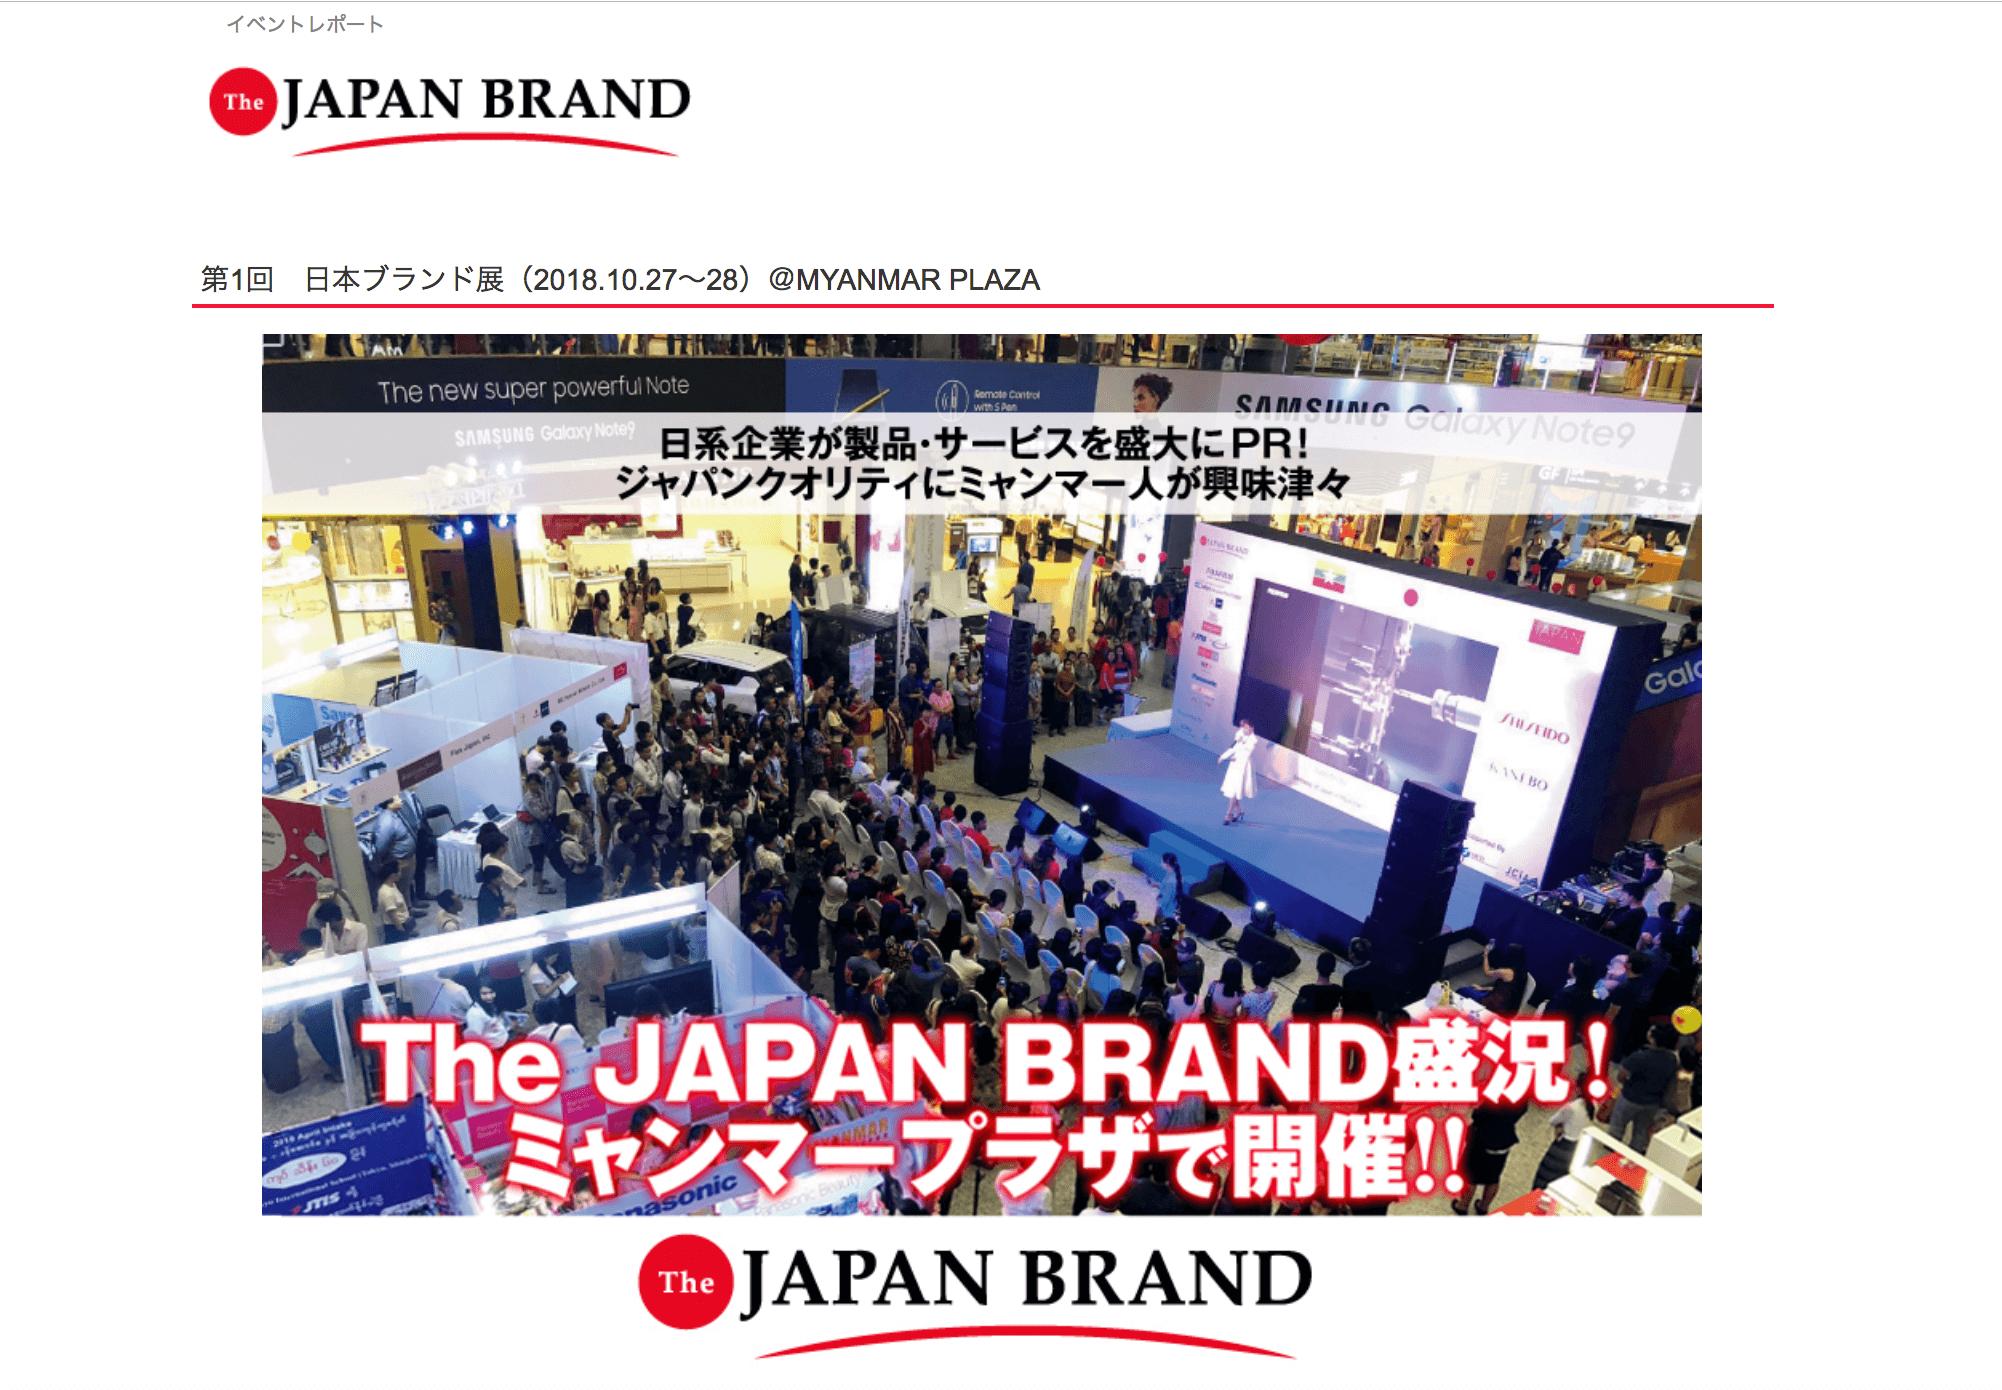 日本の製品・サービスをミャンマー人に広くPR、「The JAPAN BRAND™」が盛況